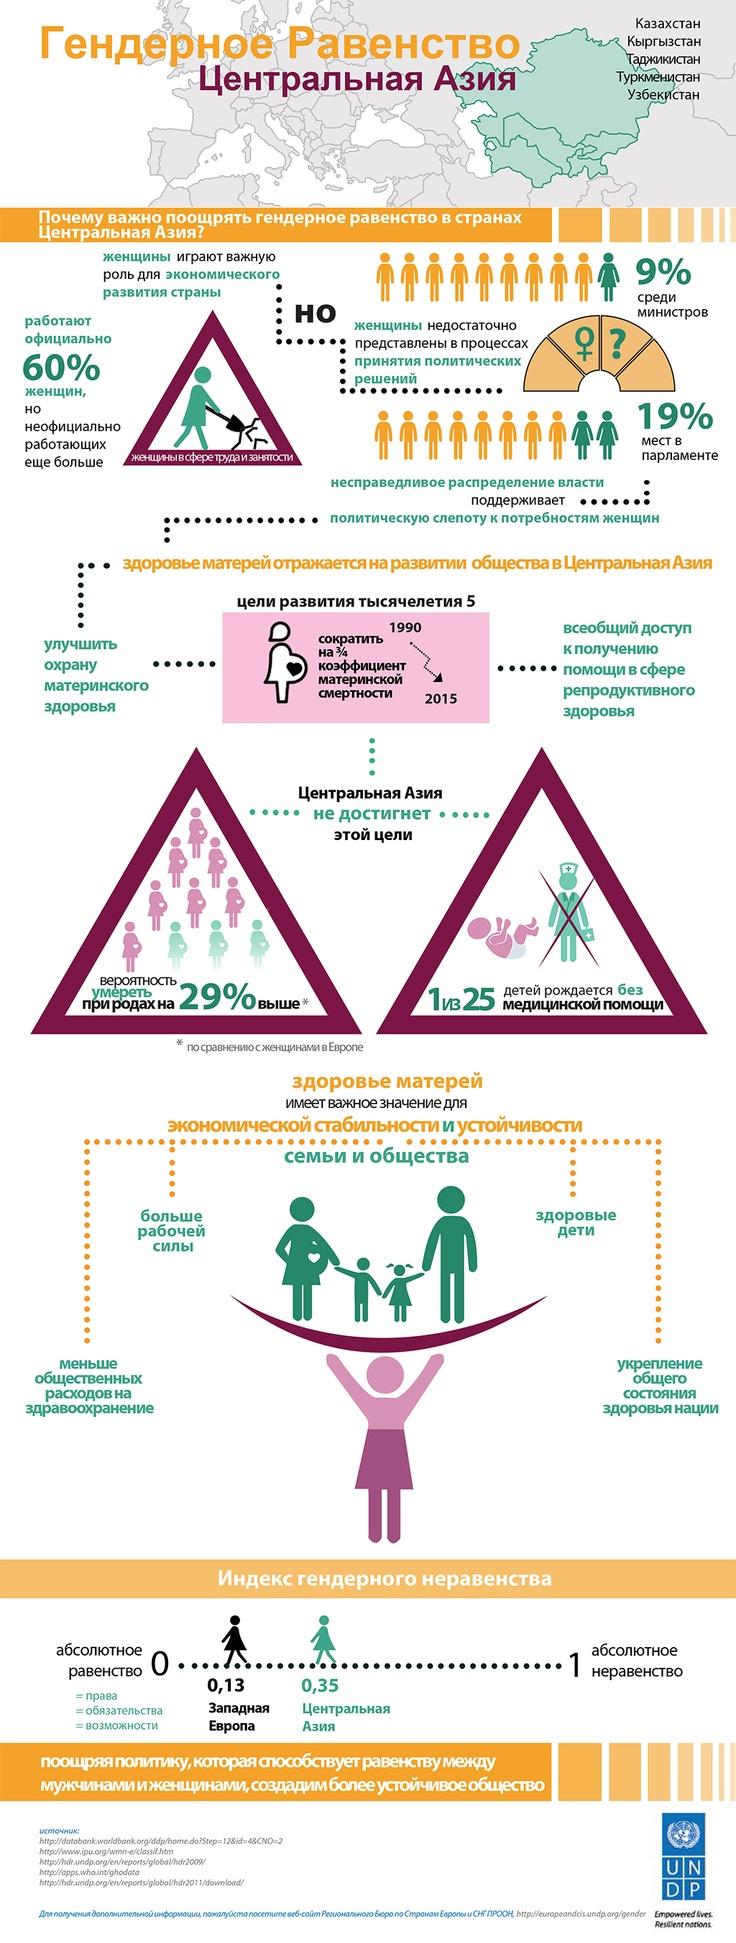 Почему важно поощрять гендерное равенство в странах Средней Азии: Казахстан, Кырг